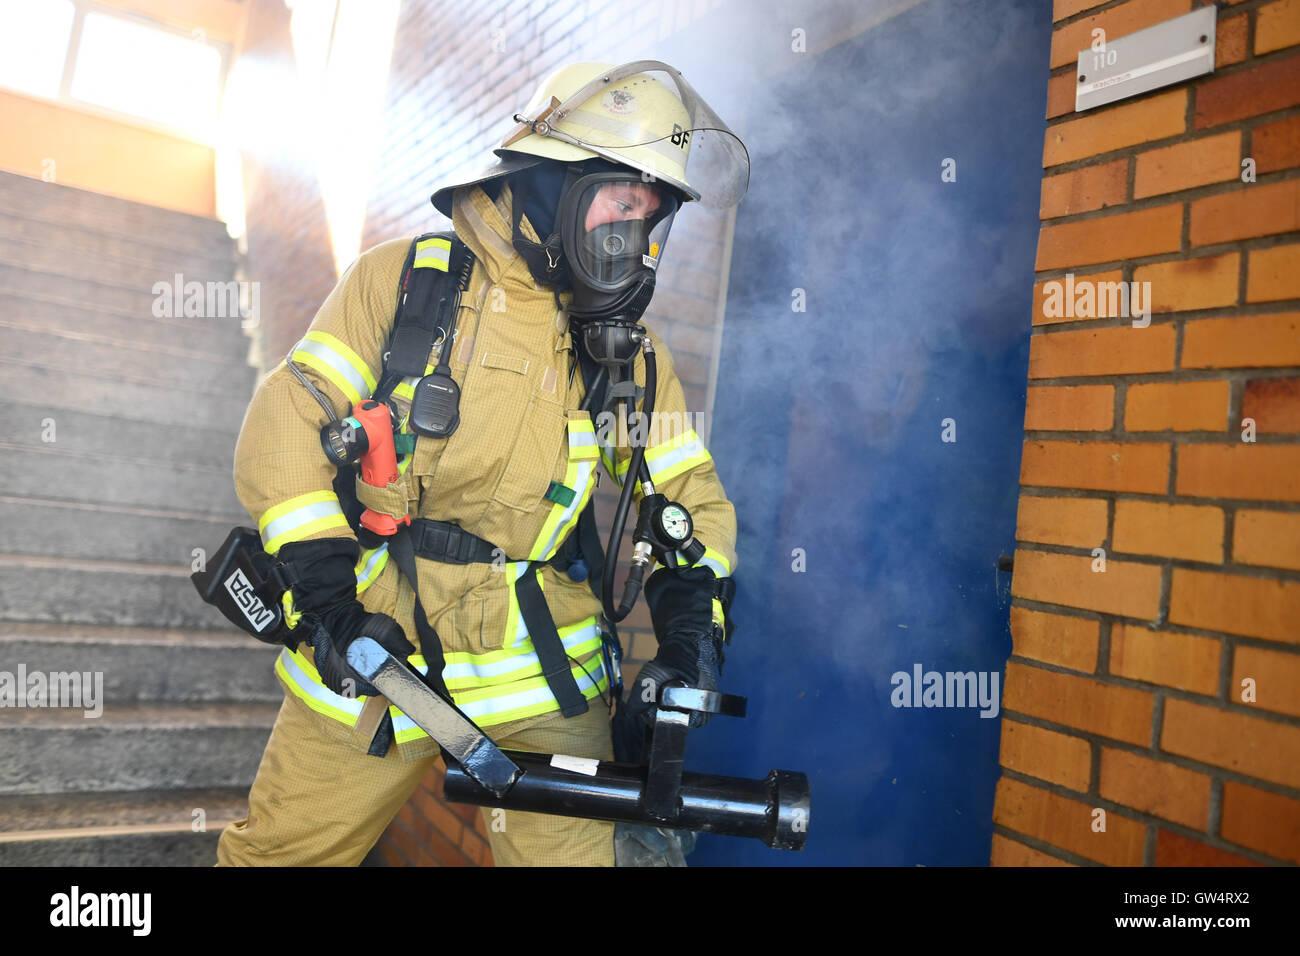 Mannheim, Deutschland. 24. August 2016. Firewoman Lisa-Katharina Roeck zeigt, wie öffnen eine Tür mit Stockbild